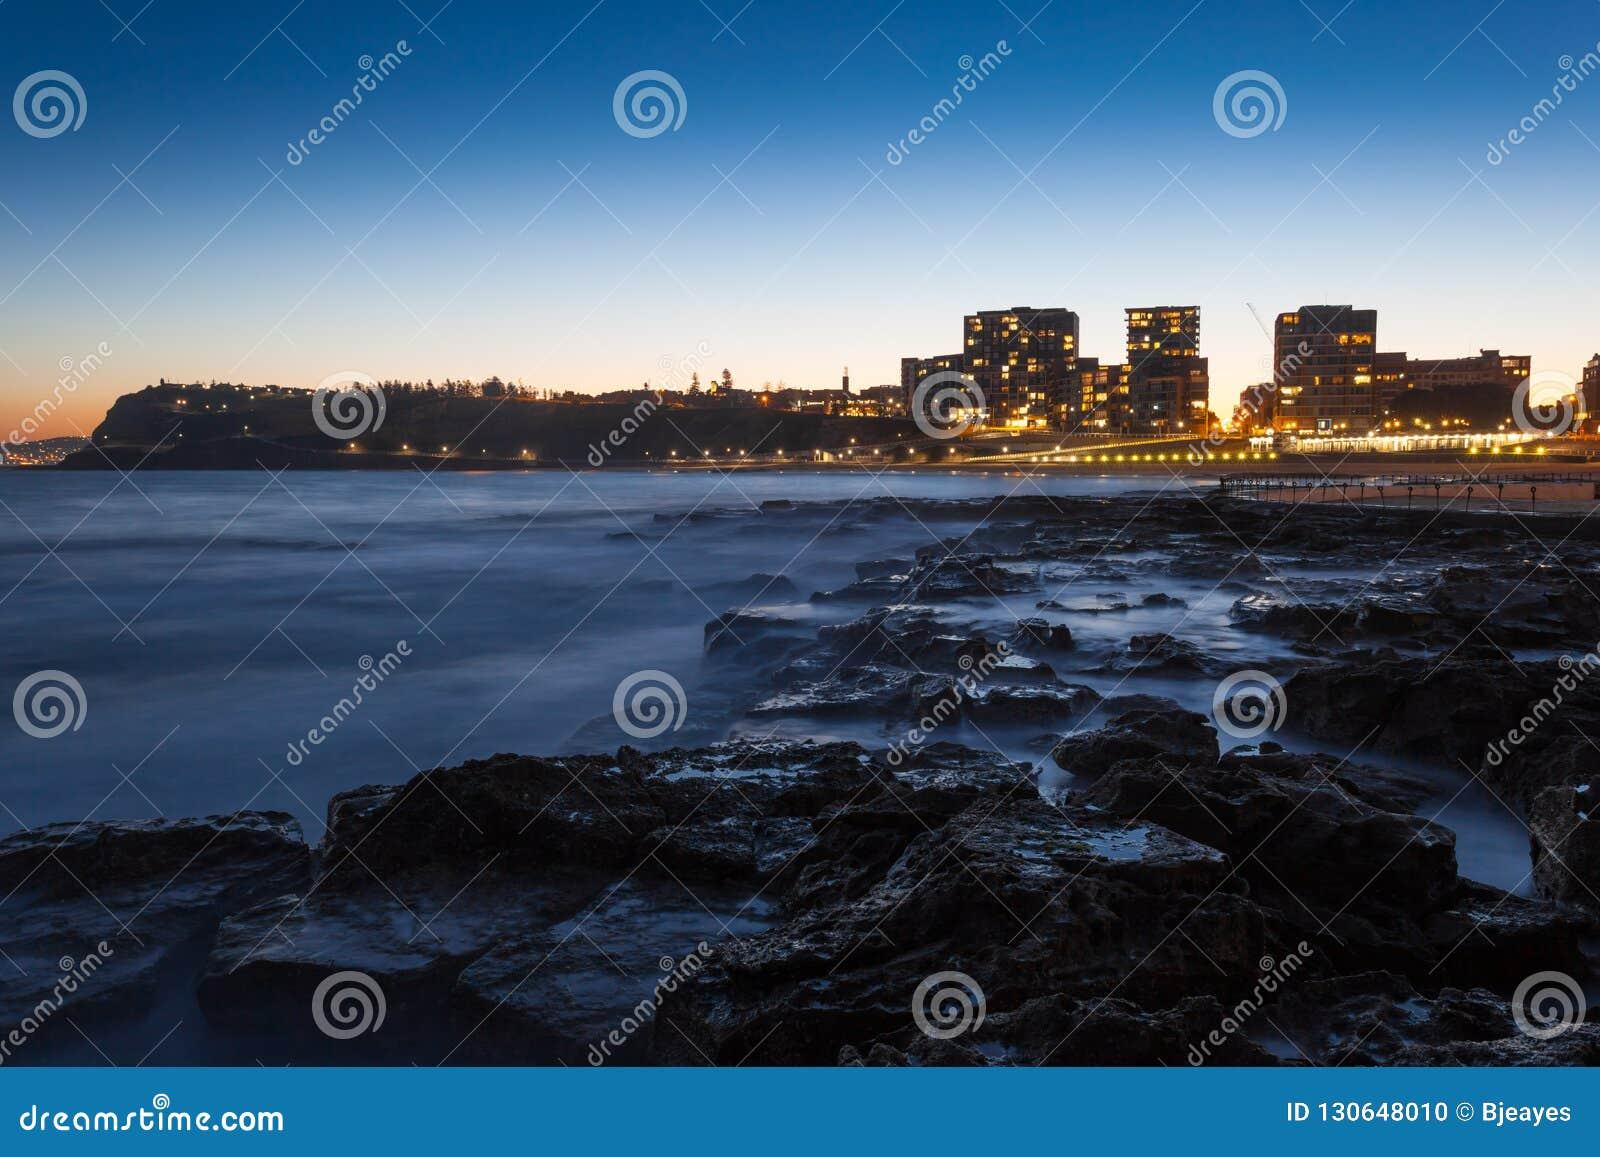 Ηλιοβασίλεμα παραλιών του Νιουκάσλ - Νιουκάσλ Νότια Νέα Ουαλία Αυστραλία